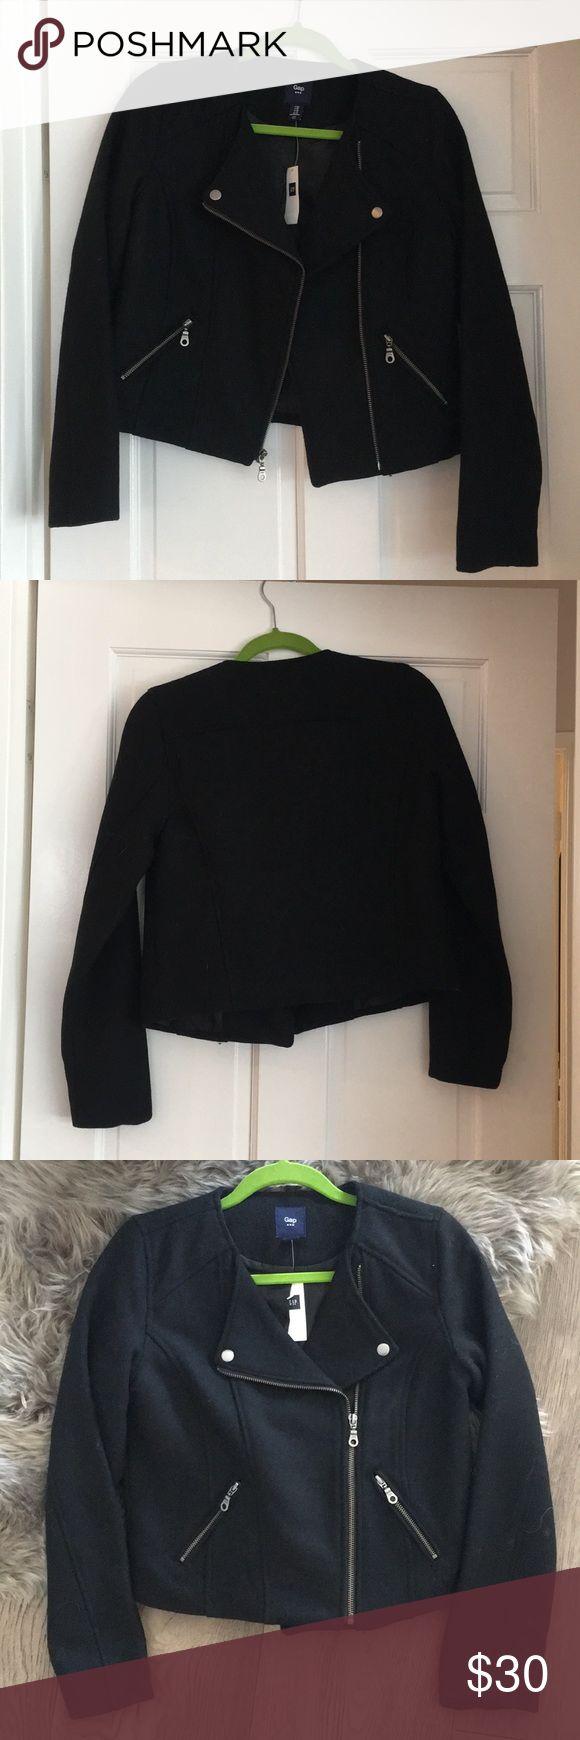 Gap jacket Brand new! Black gap jacket GAP Jackets & Coats